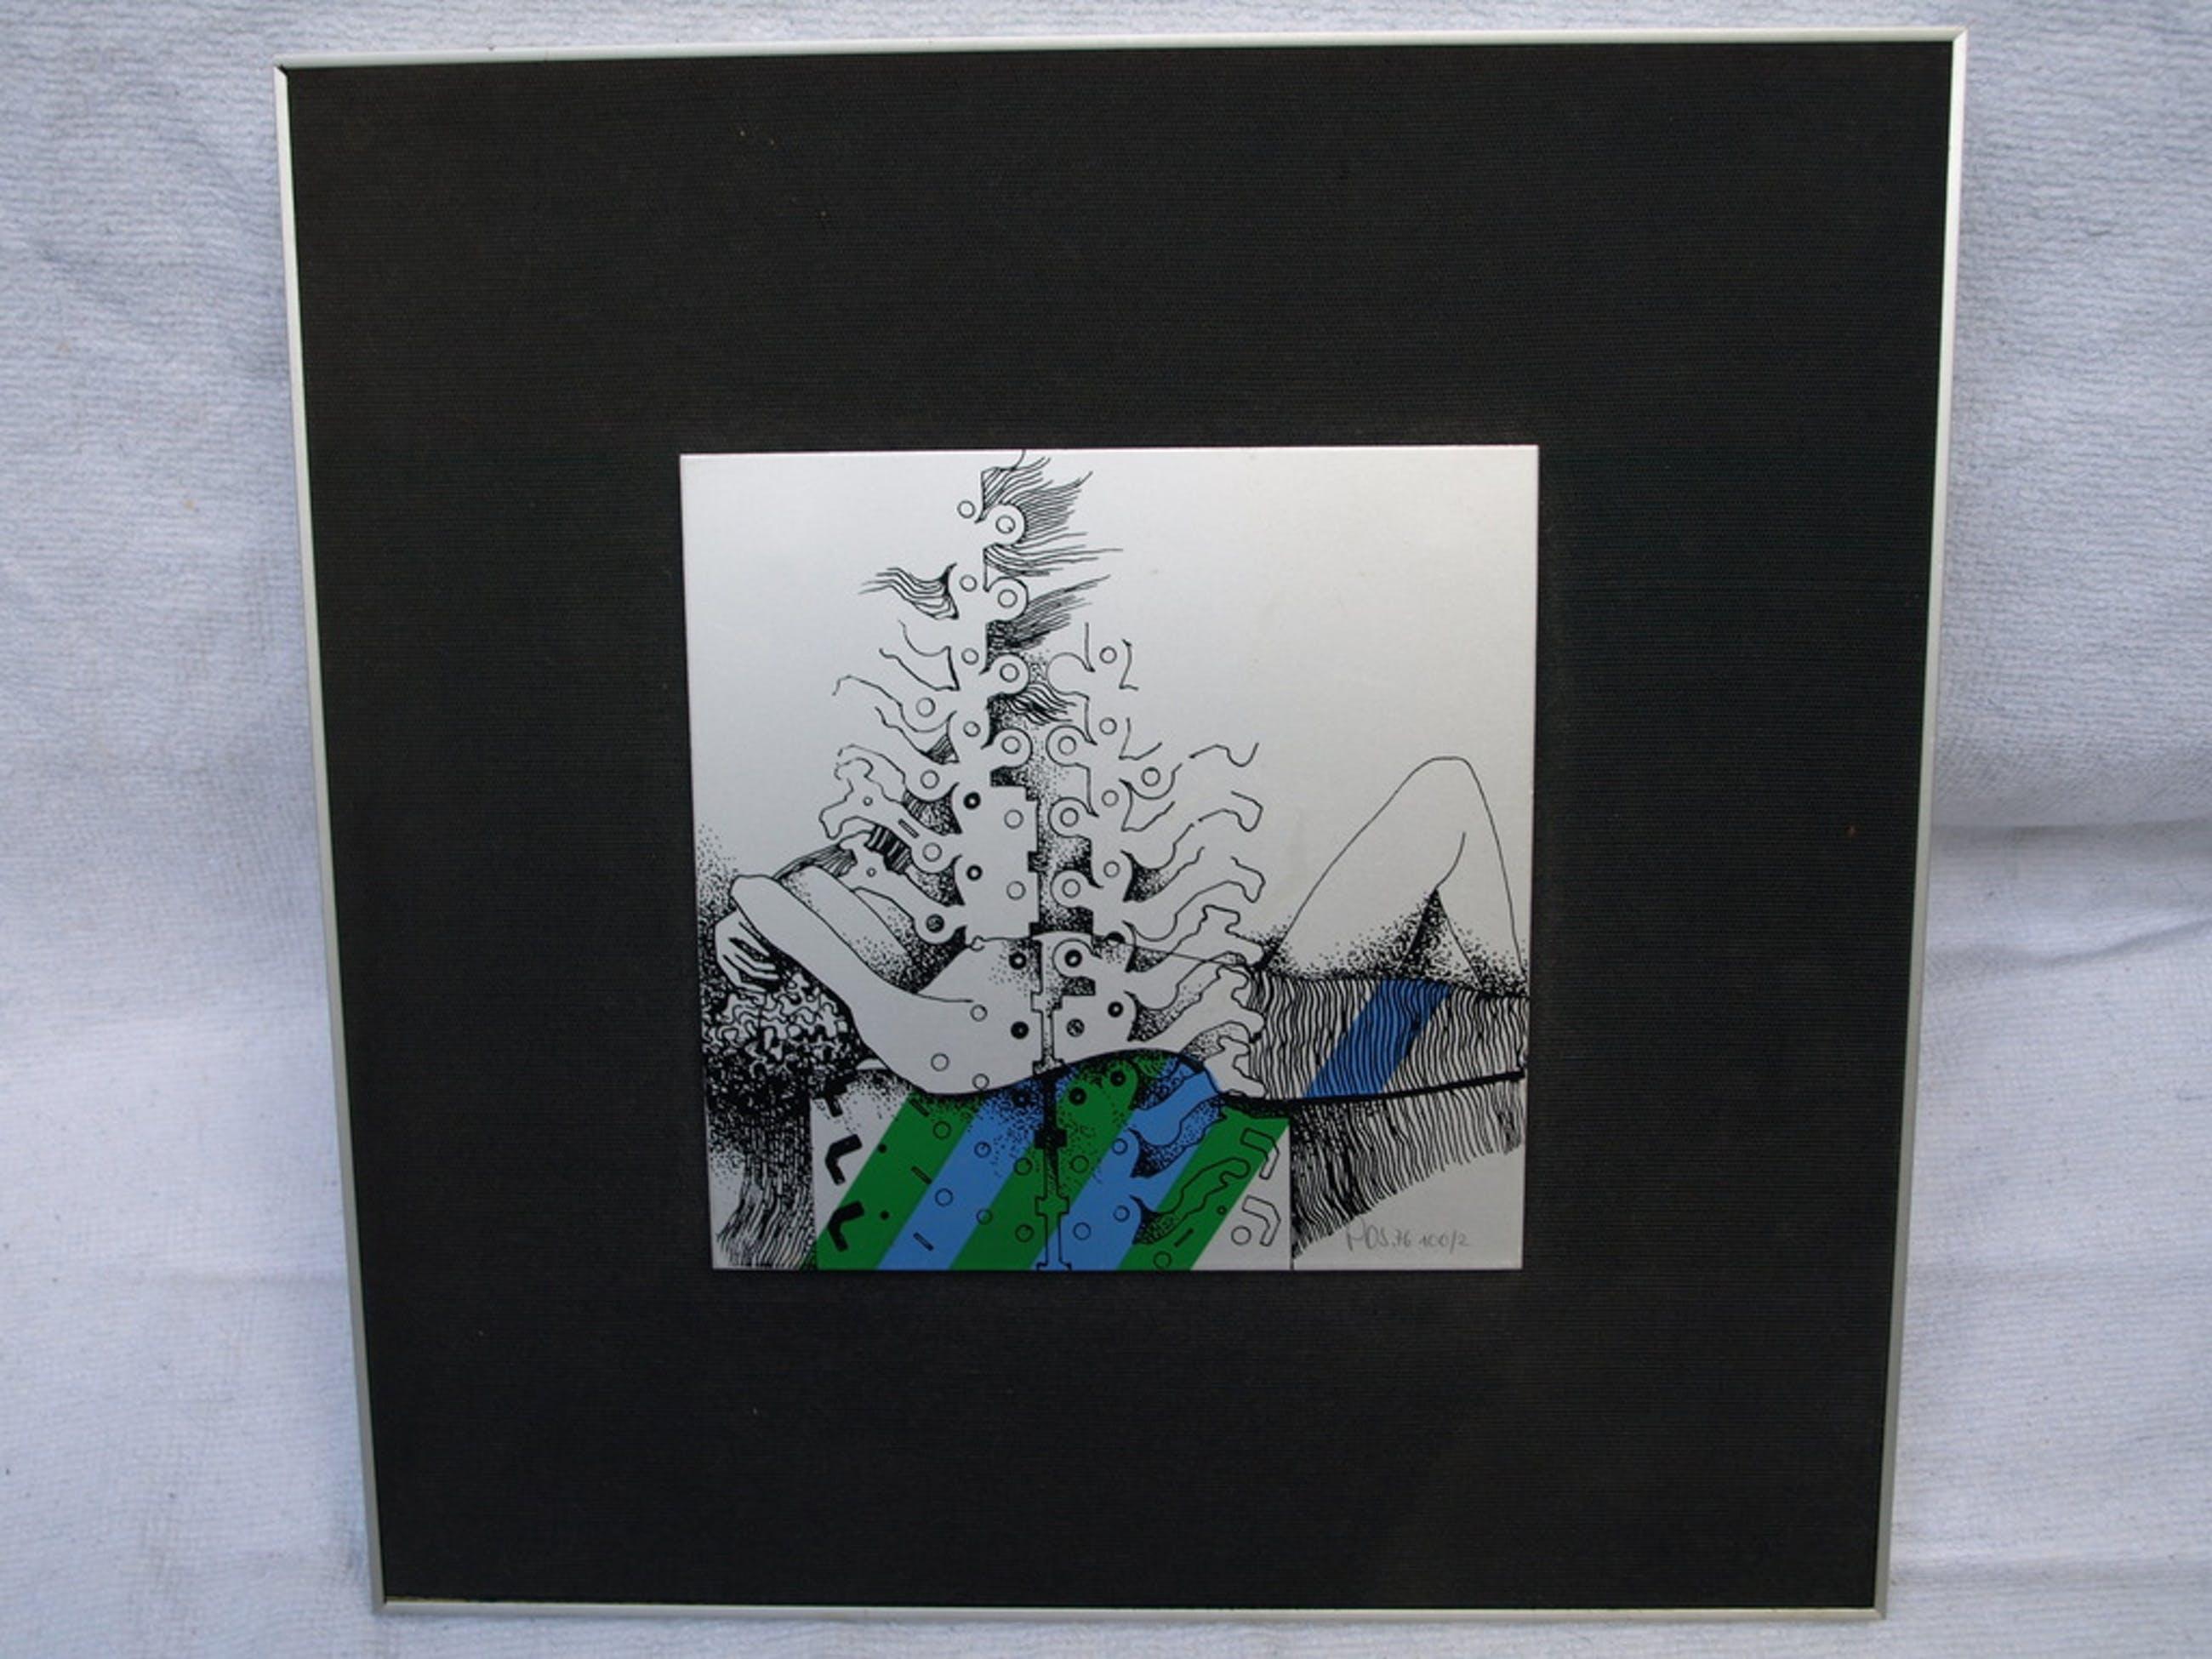 Rudolf Pospieszczyk – Zeefdruk op aluminium – Naakte vrouw – Gesigneerd - 1976 – 35 x 35 cm kopen? Bied vanaf 50!